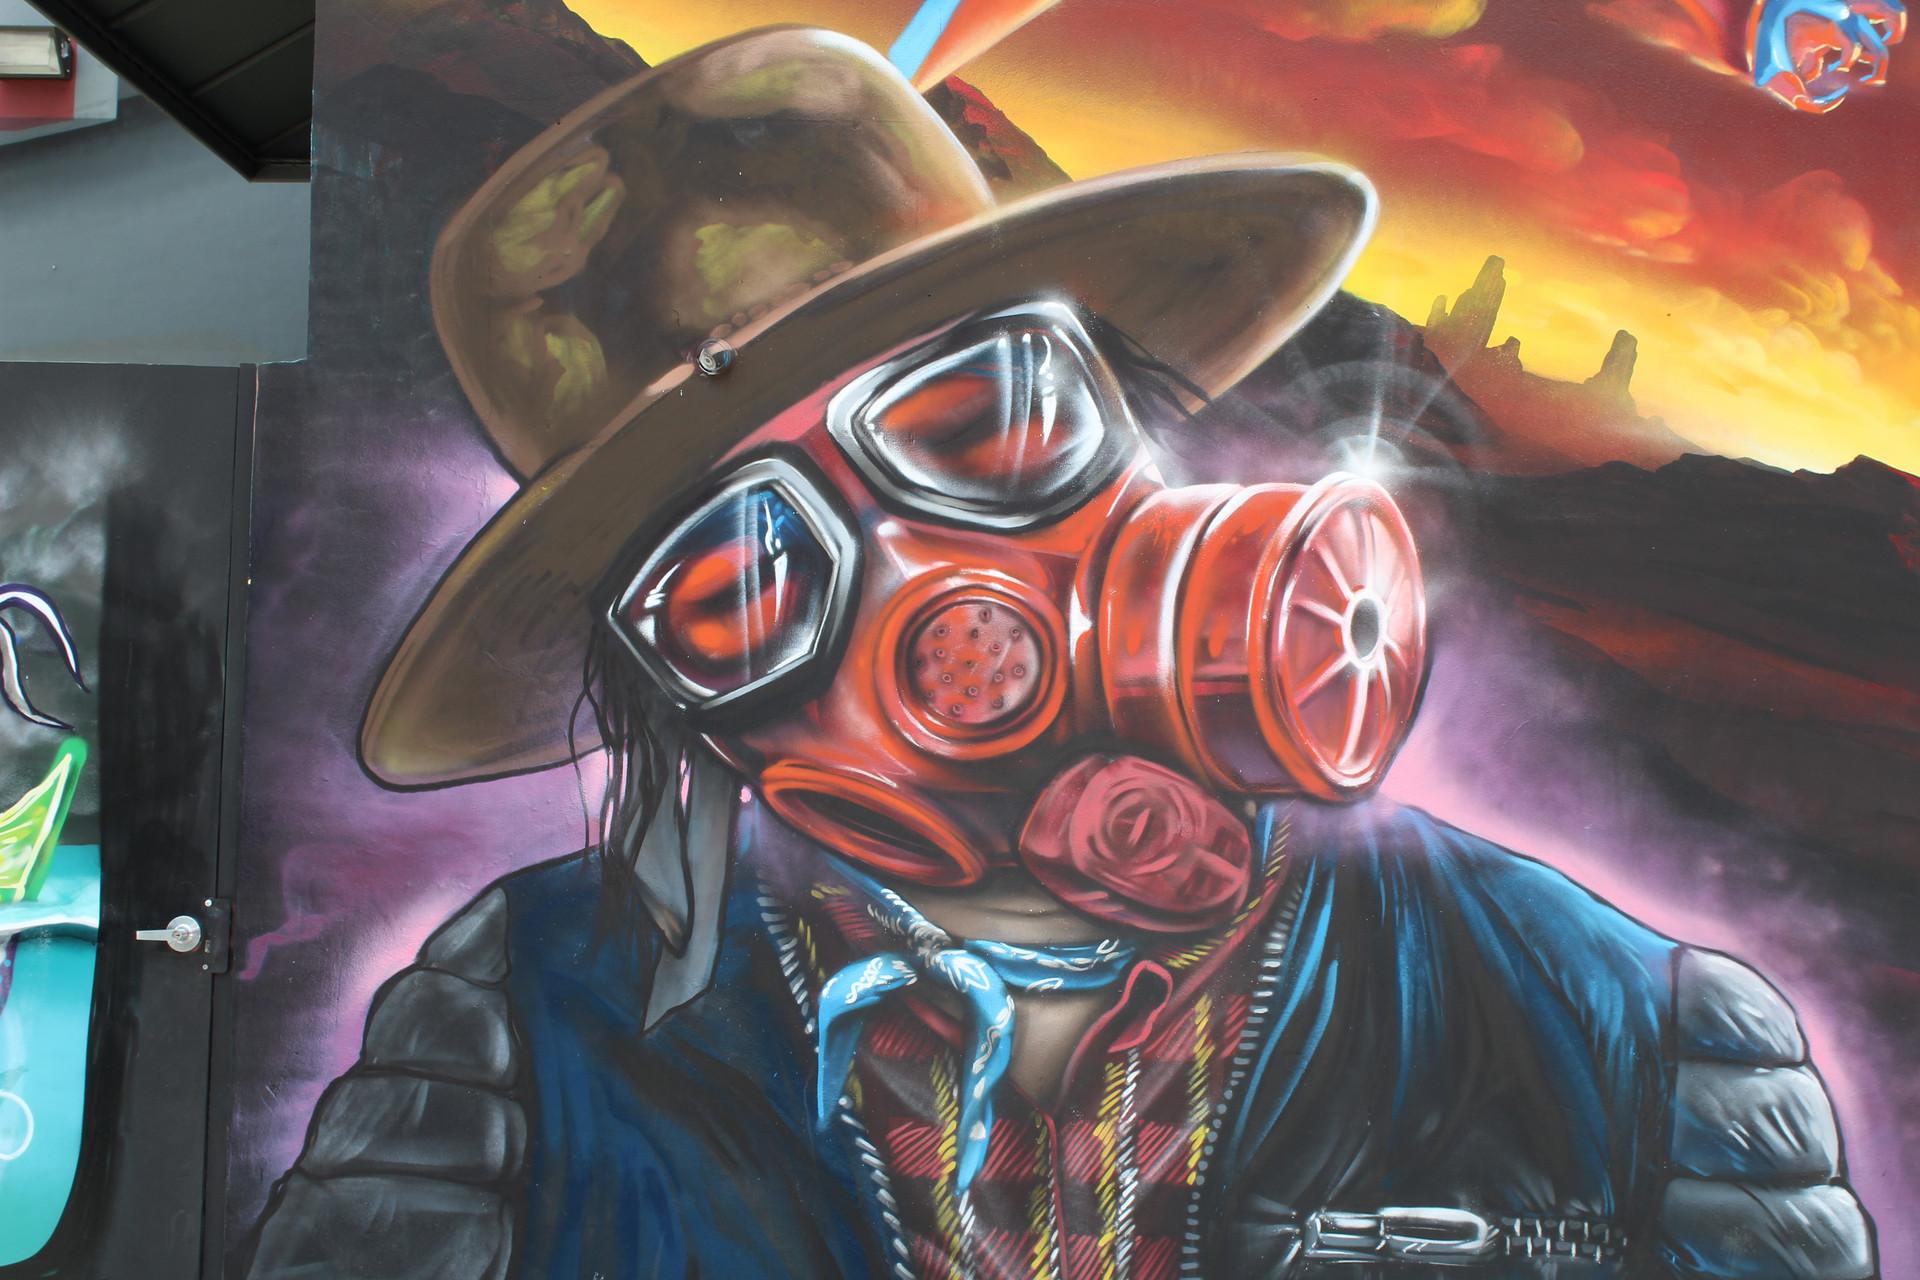 miami wynwood graffiti realism street art mural